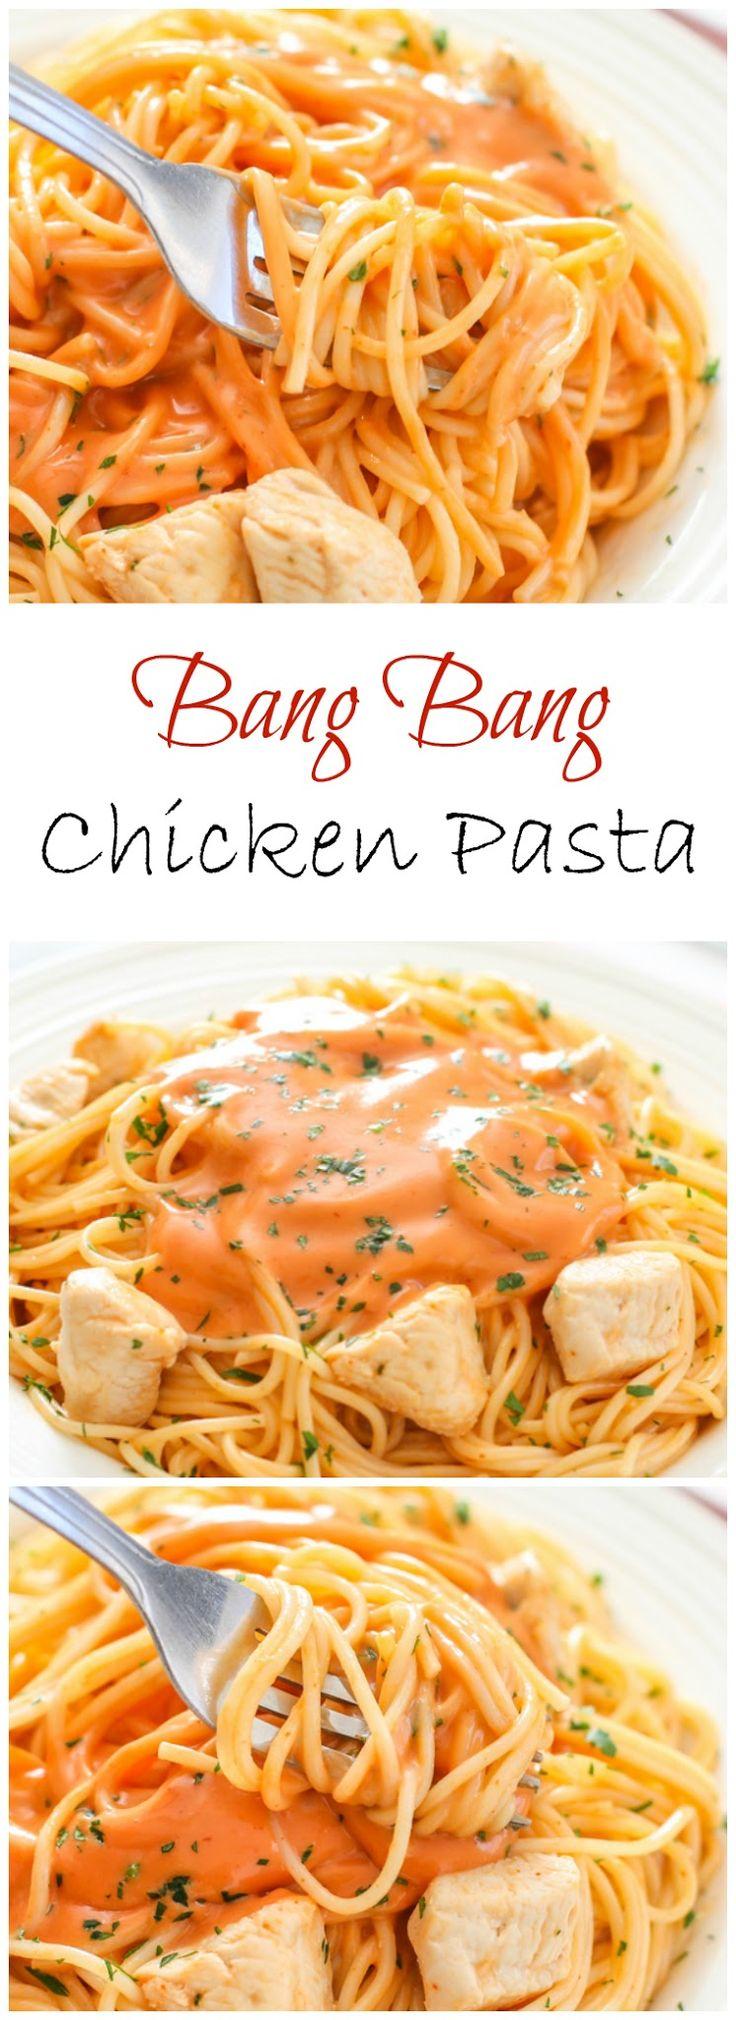 Bang Bang Chicken Pasta. Such an addicting sauce!